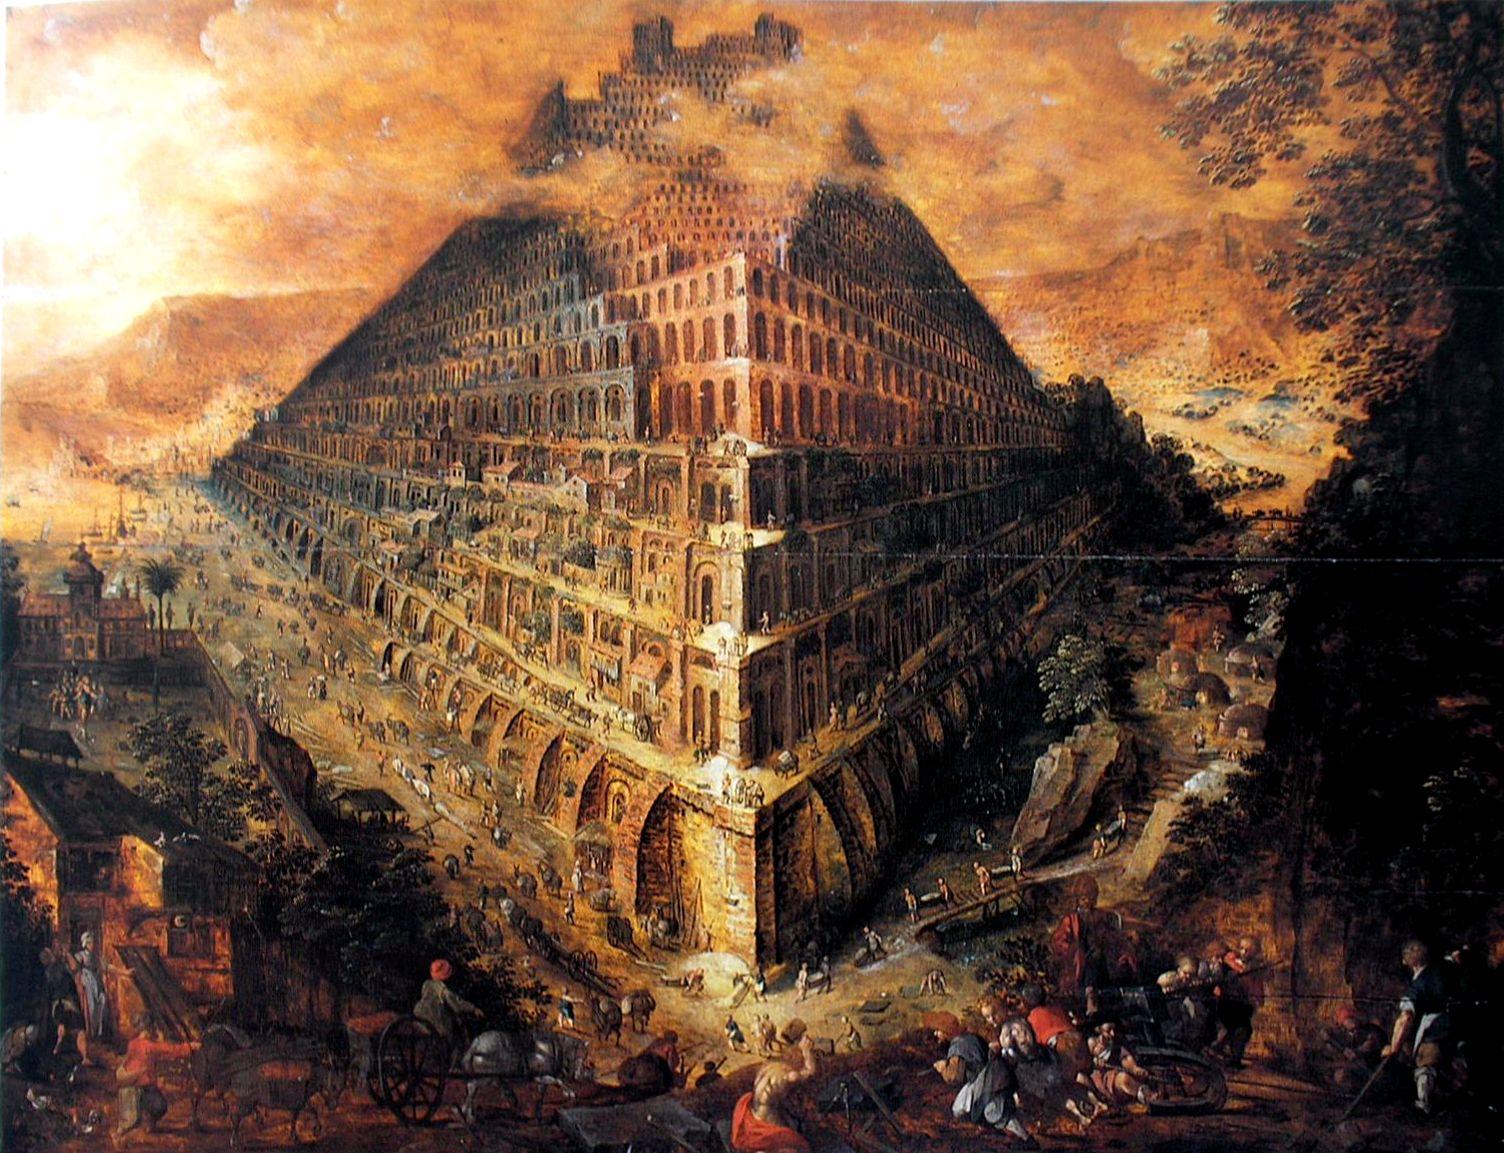 School of Marten van Valckenborgh, The tower of Babel, Museo Nacional de Bellas Artes de Cuba